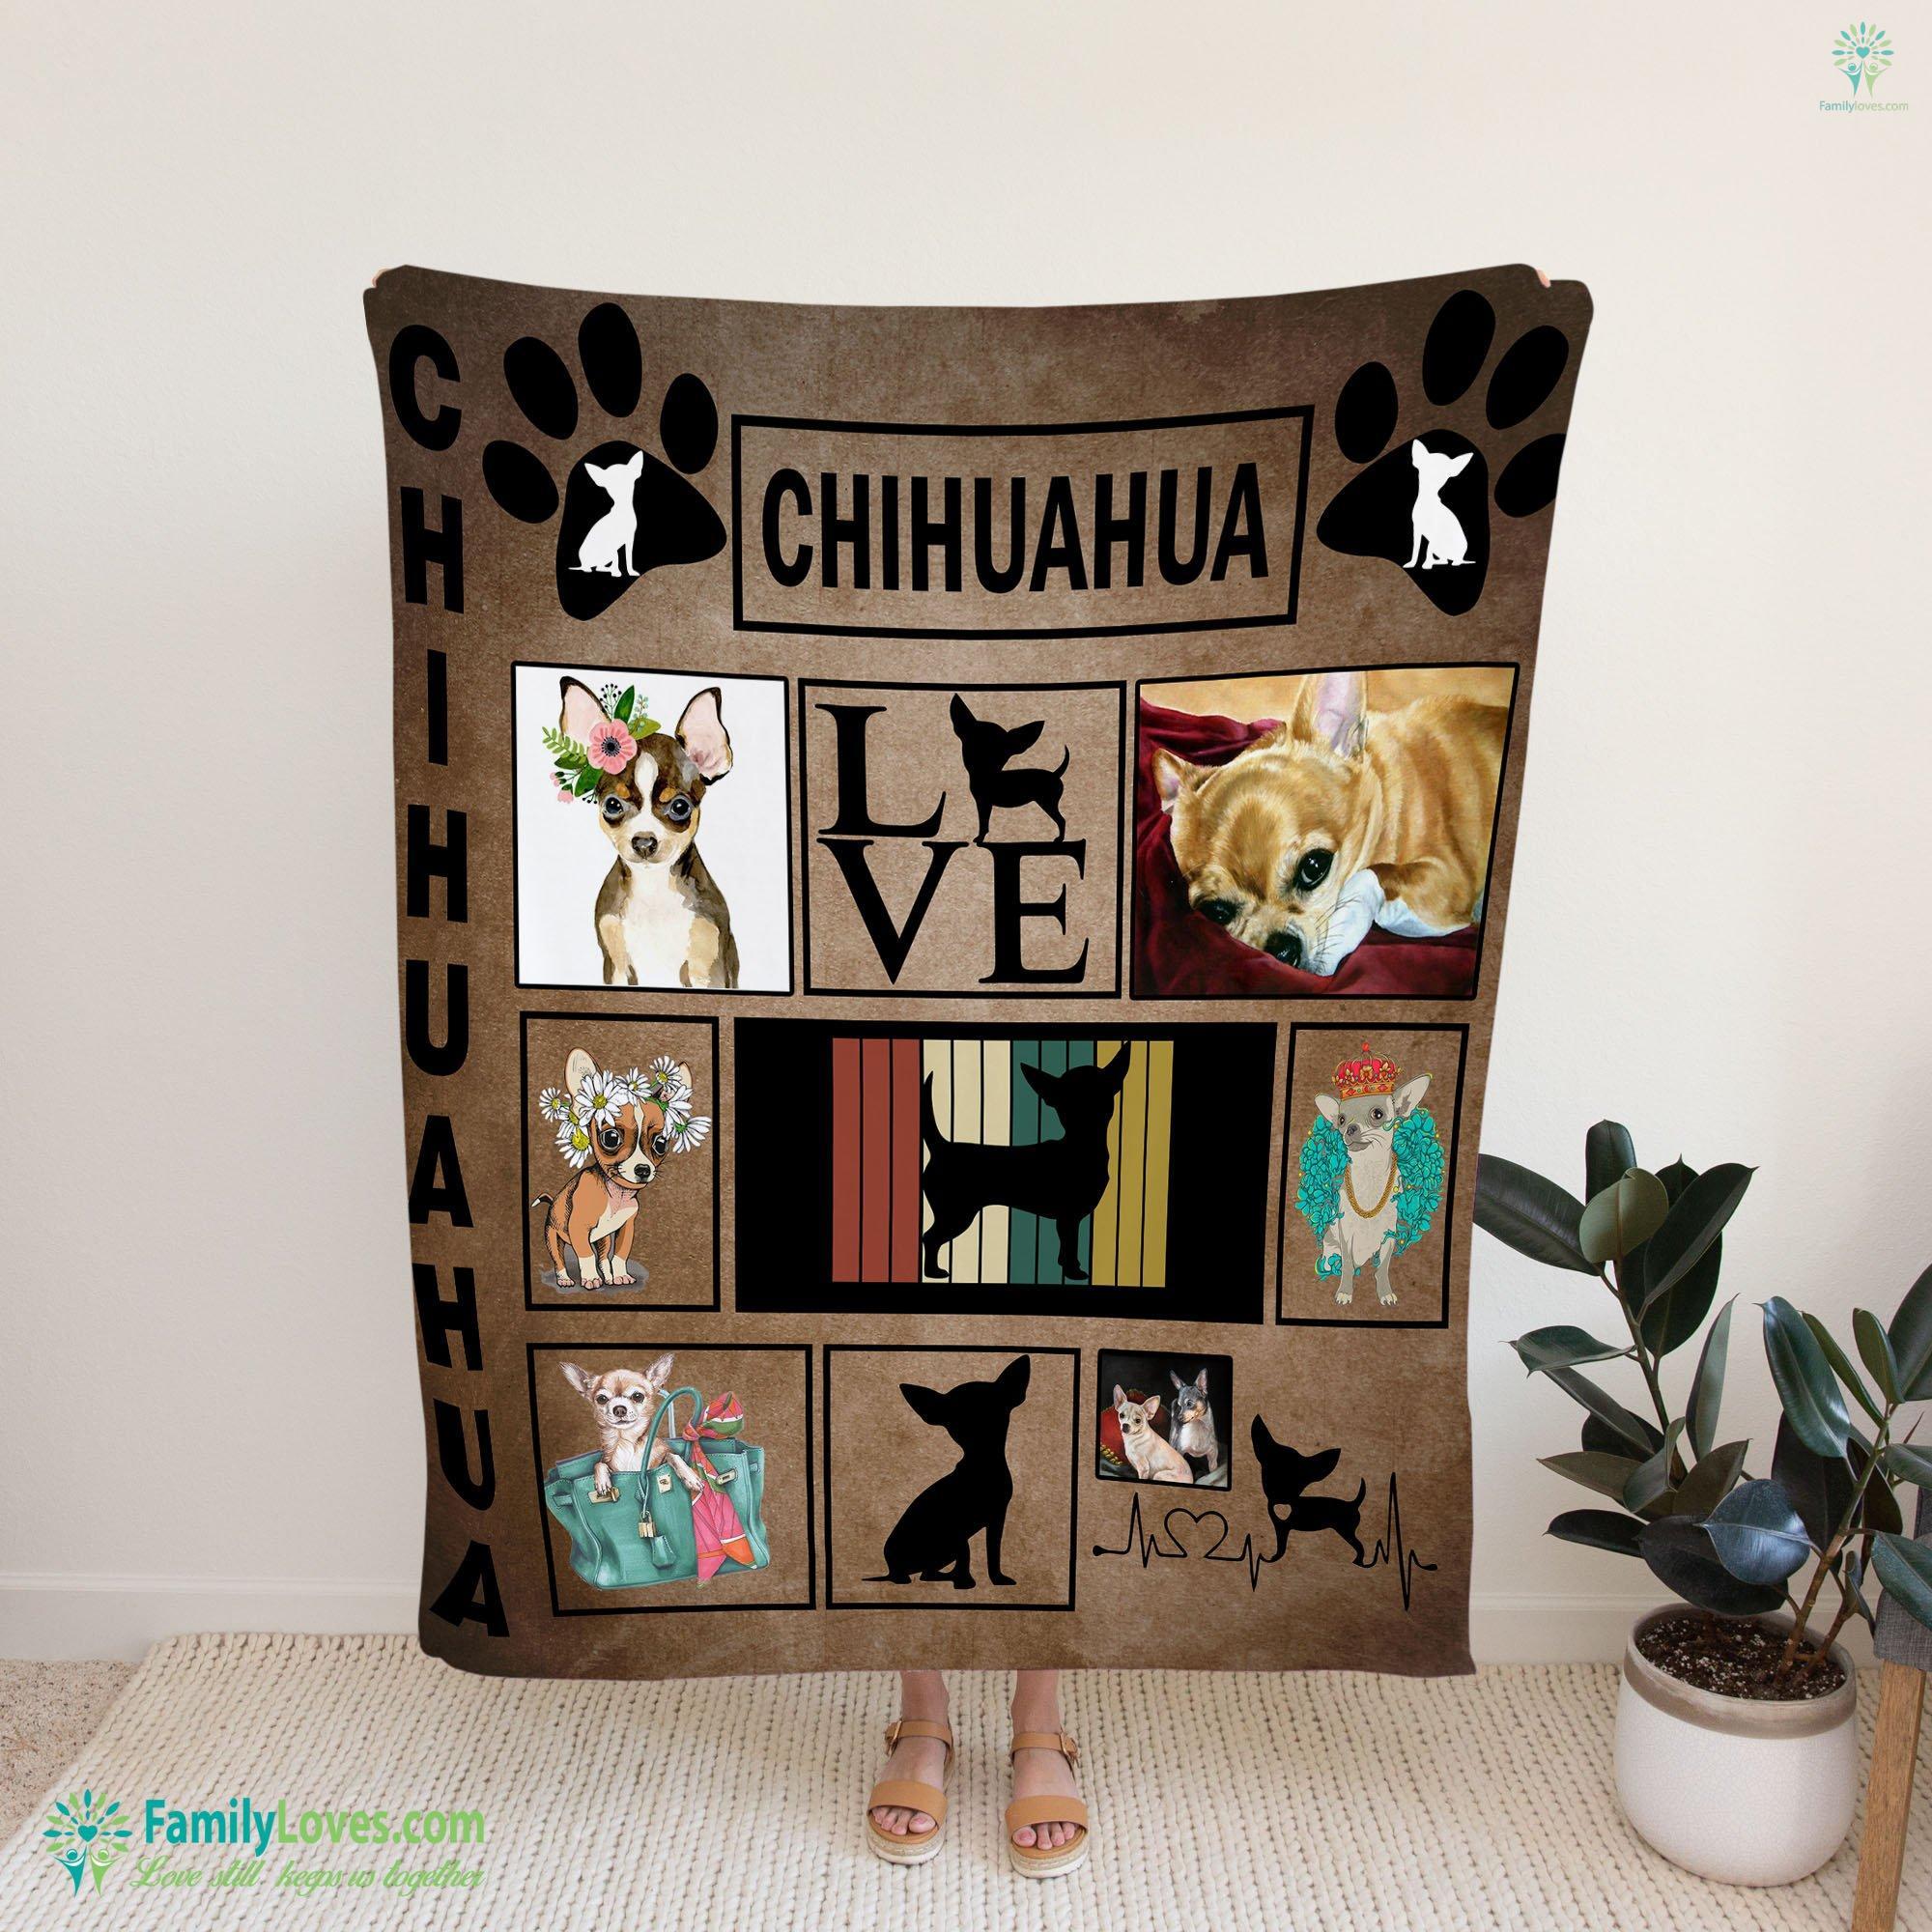 I Love My Chihuahua Blanket 9 Familyloves.com